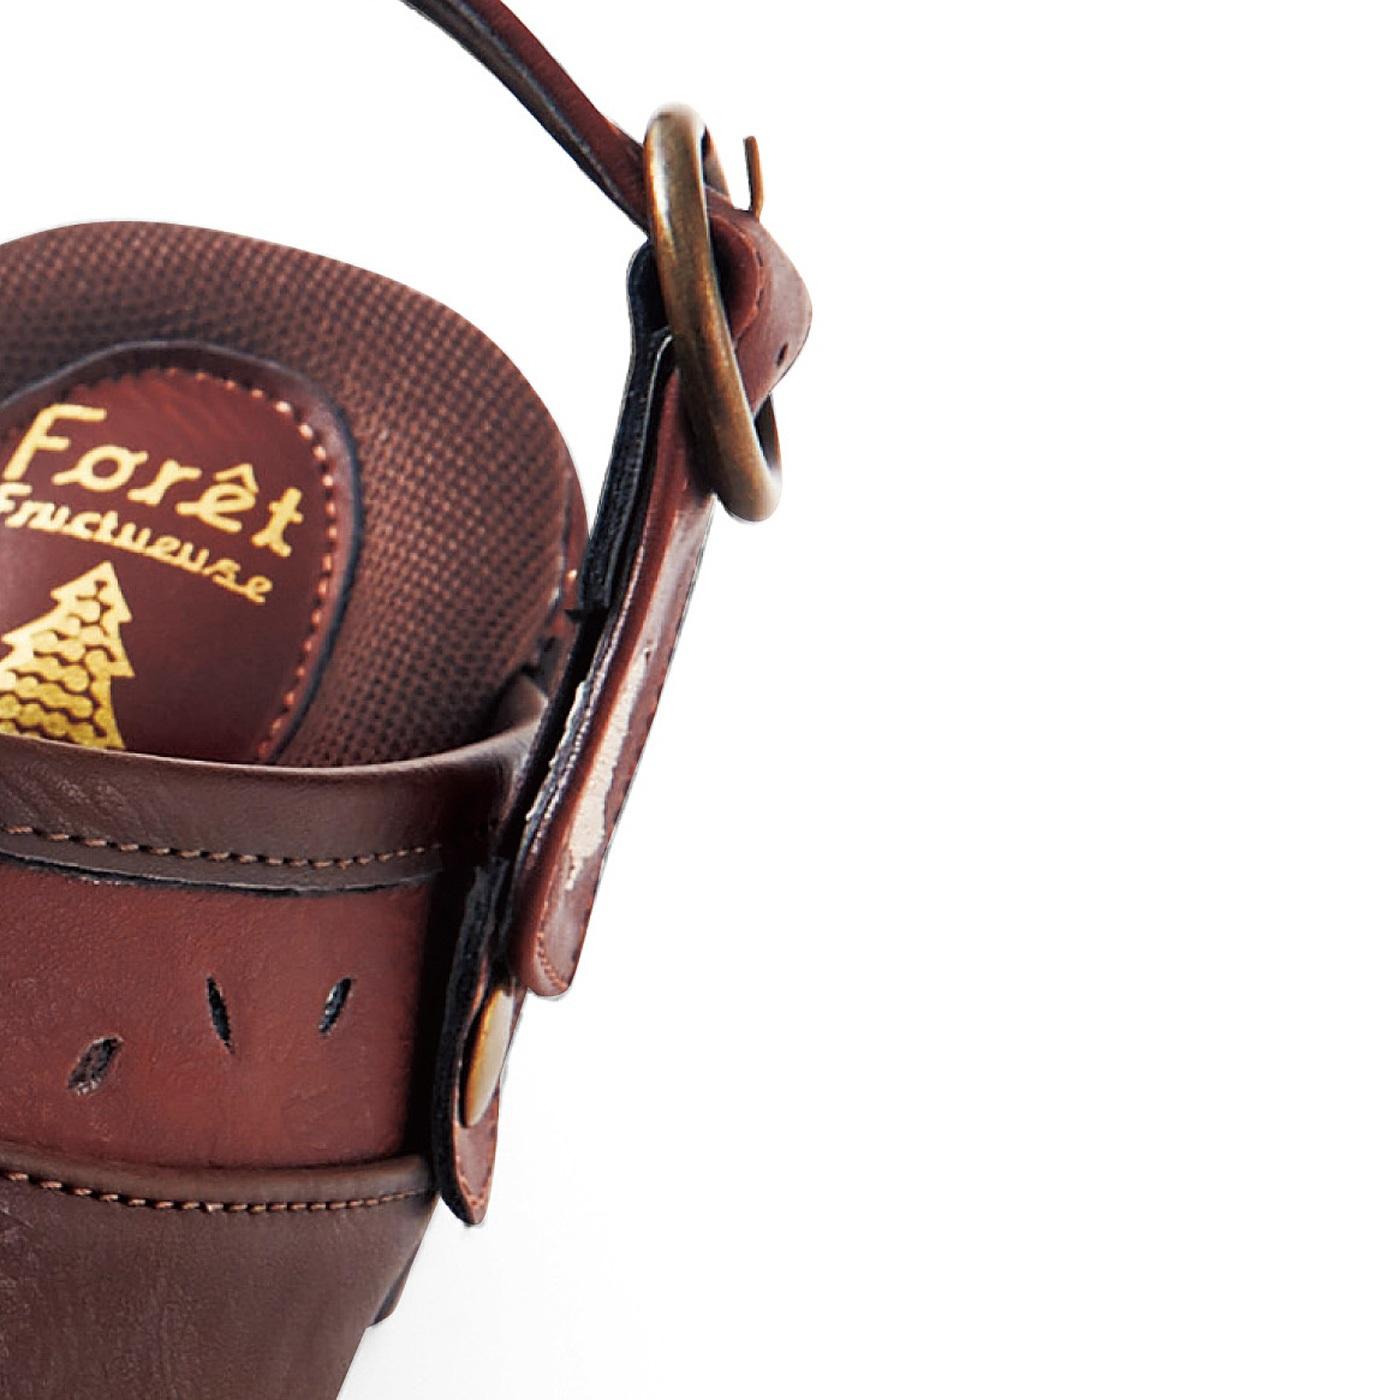 隠しゴム仕様のストラップで履きやすく、自分サイズに調節可能。